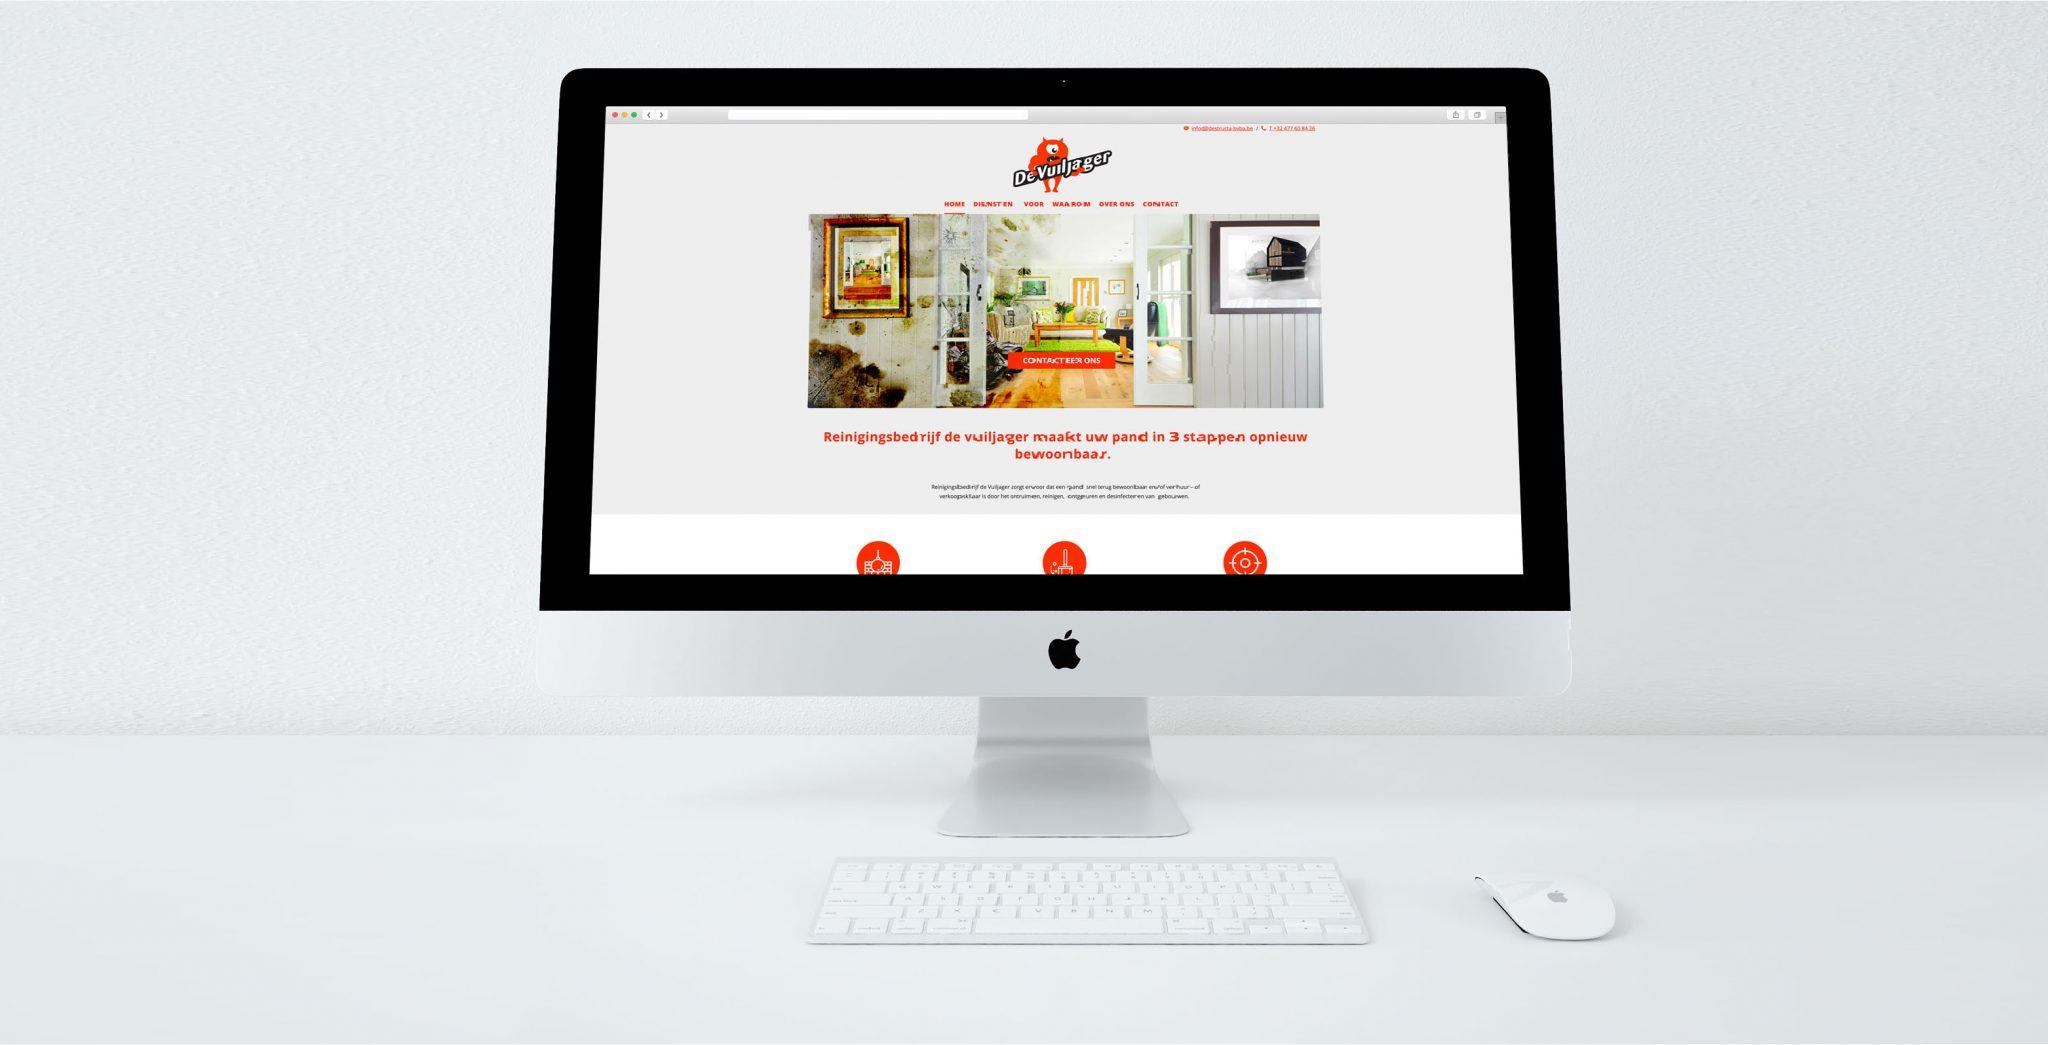 Website voor De Vuiljager